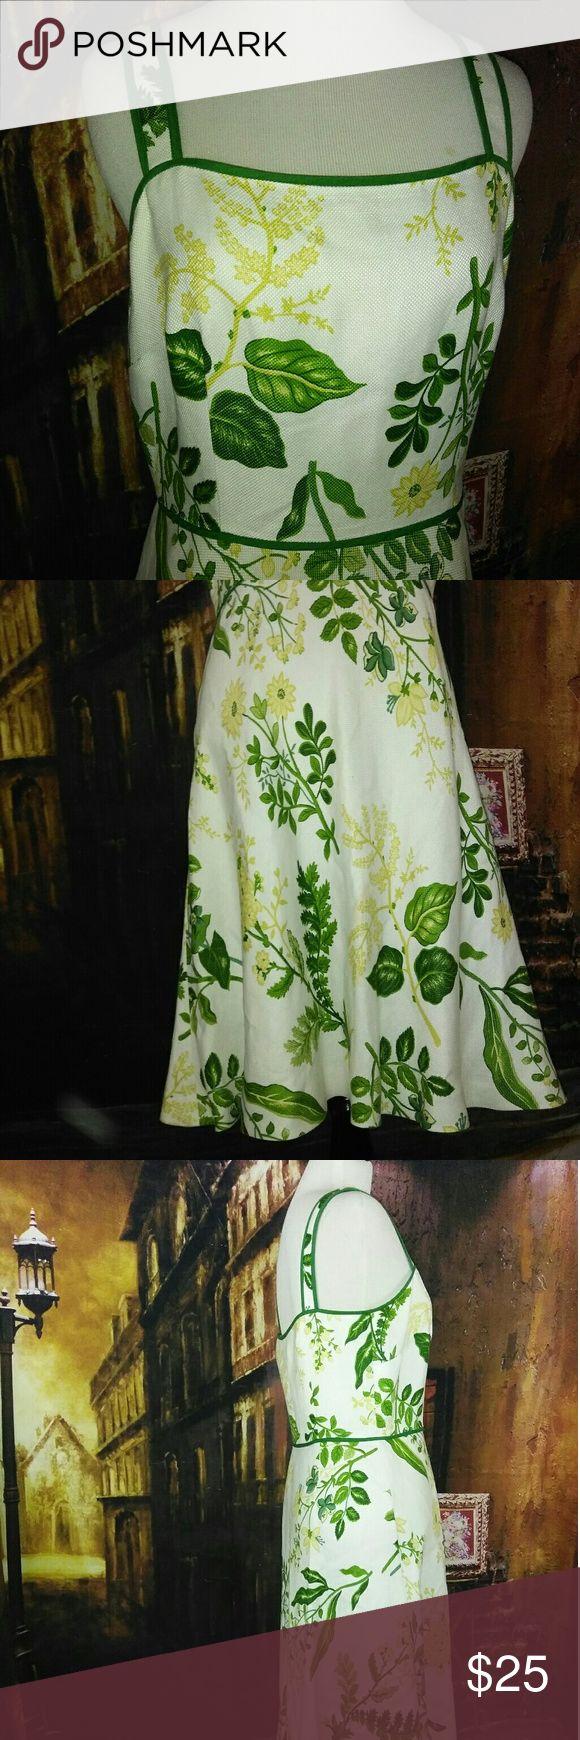 Ann taylor Loft petites dress size 6p 56% linen. 44% rayon. Green.  White. Yellow.  Long 30.5  Armpit to armpit 14.5. Ann taylor Loft Dresses